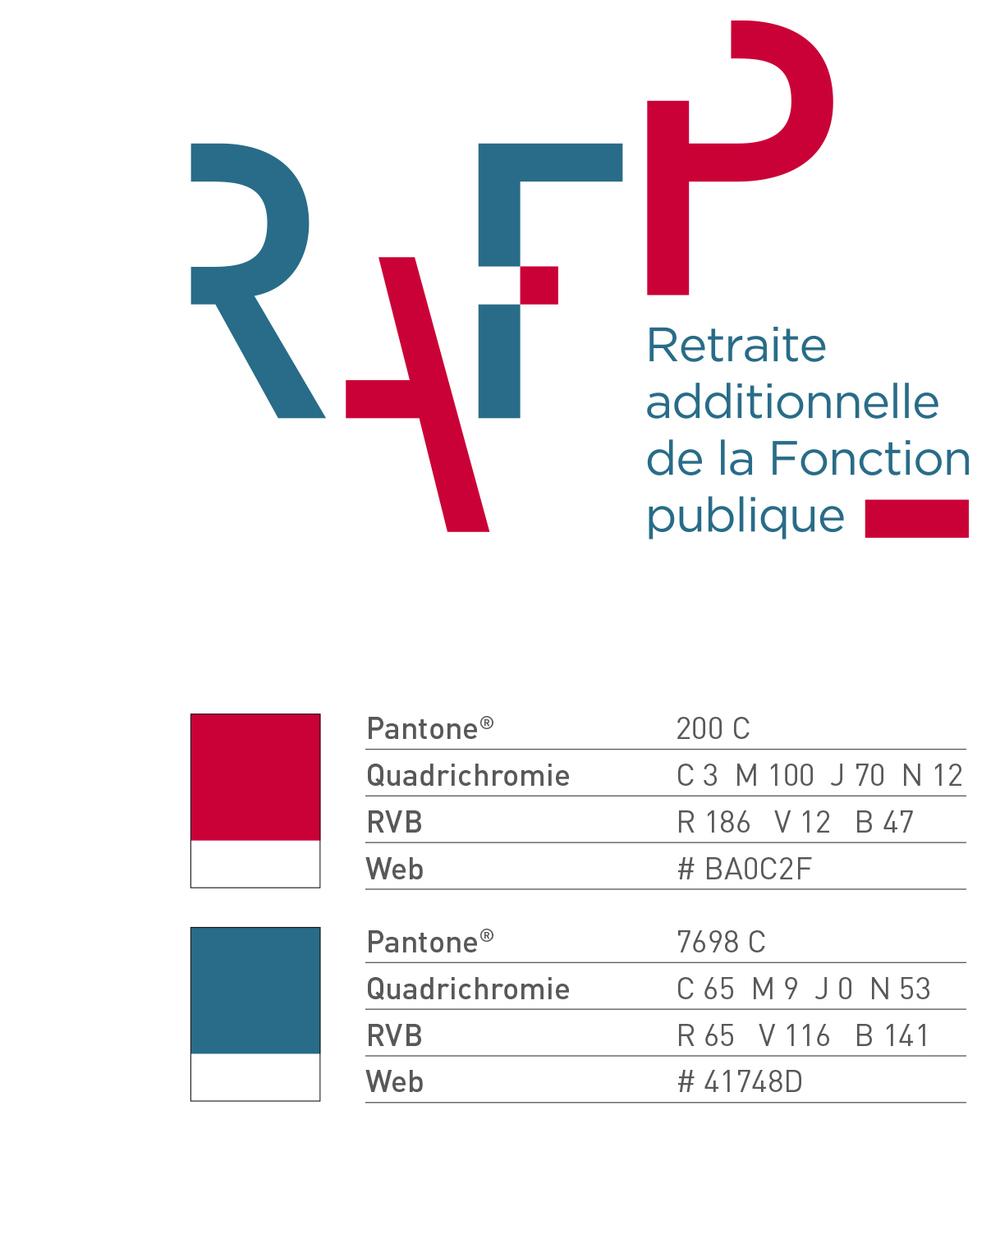 RAFP-FICHE 1-Le logotype-1.jpg